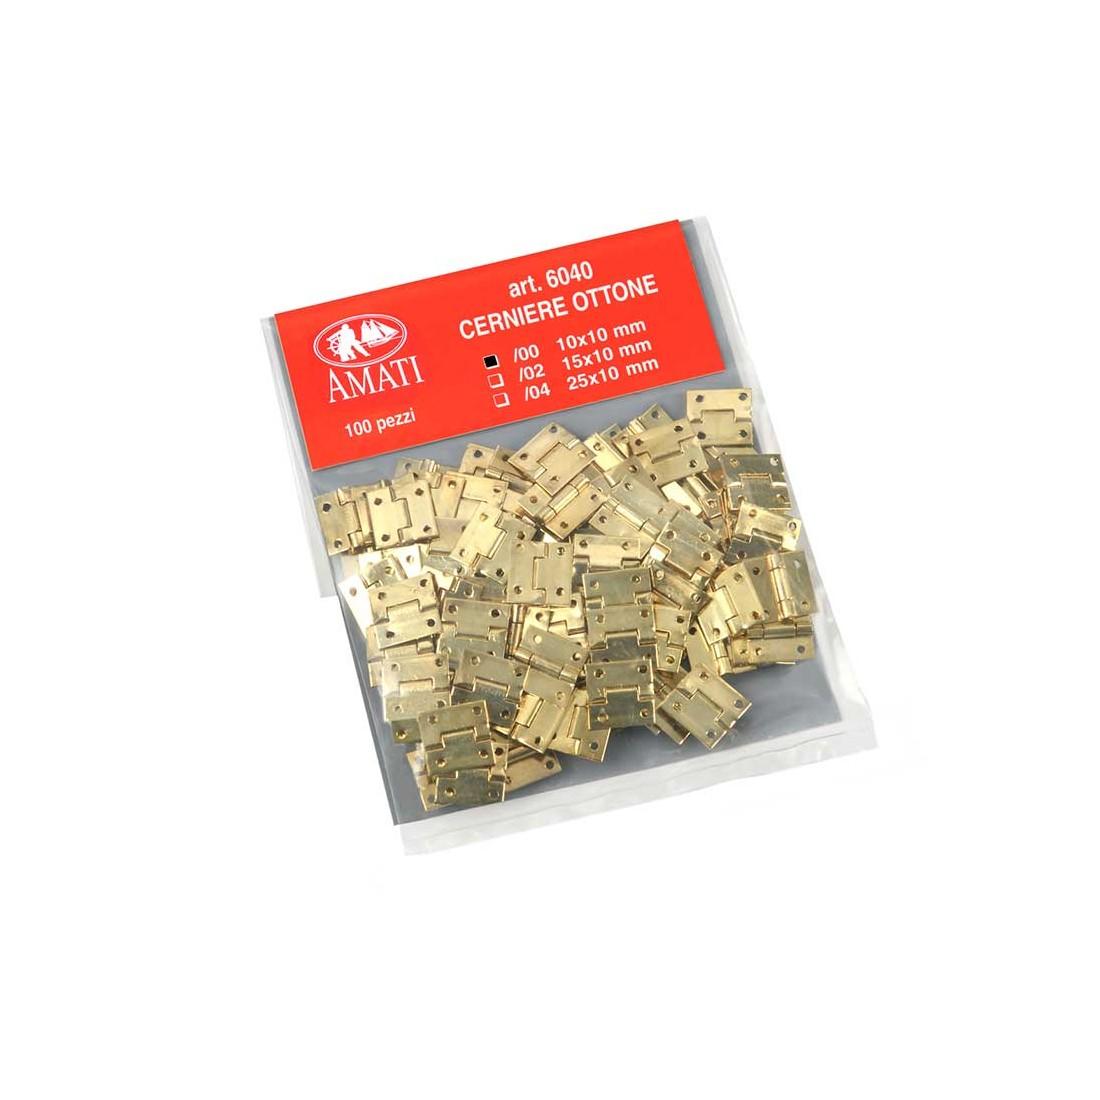 Charnières en laiton mm.10x10